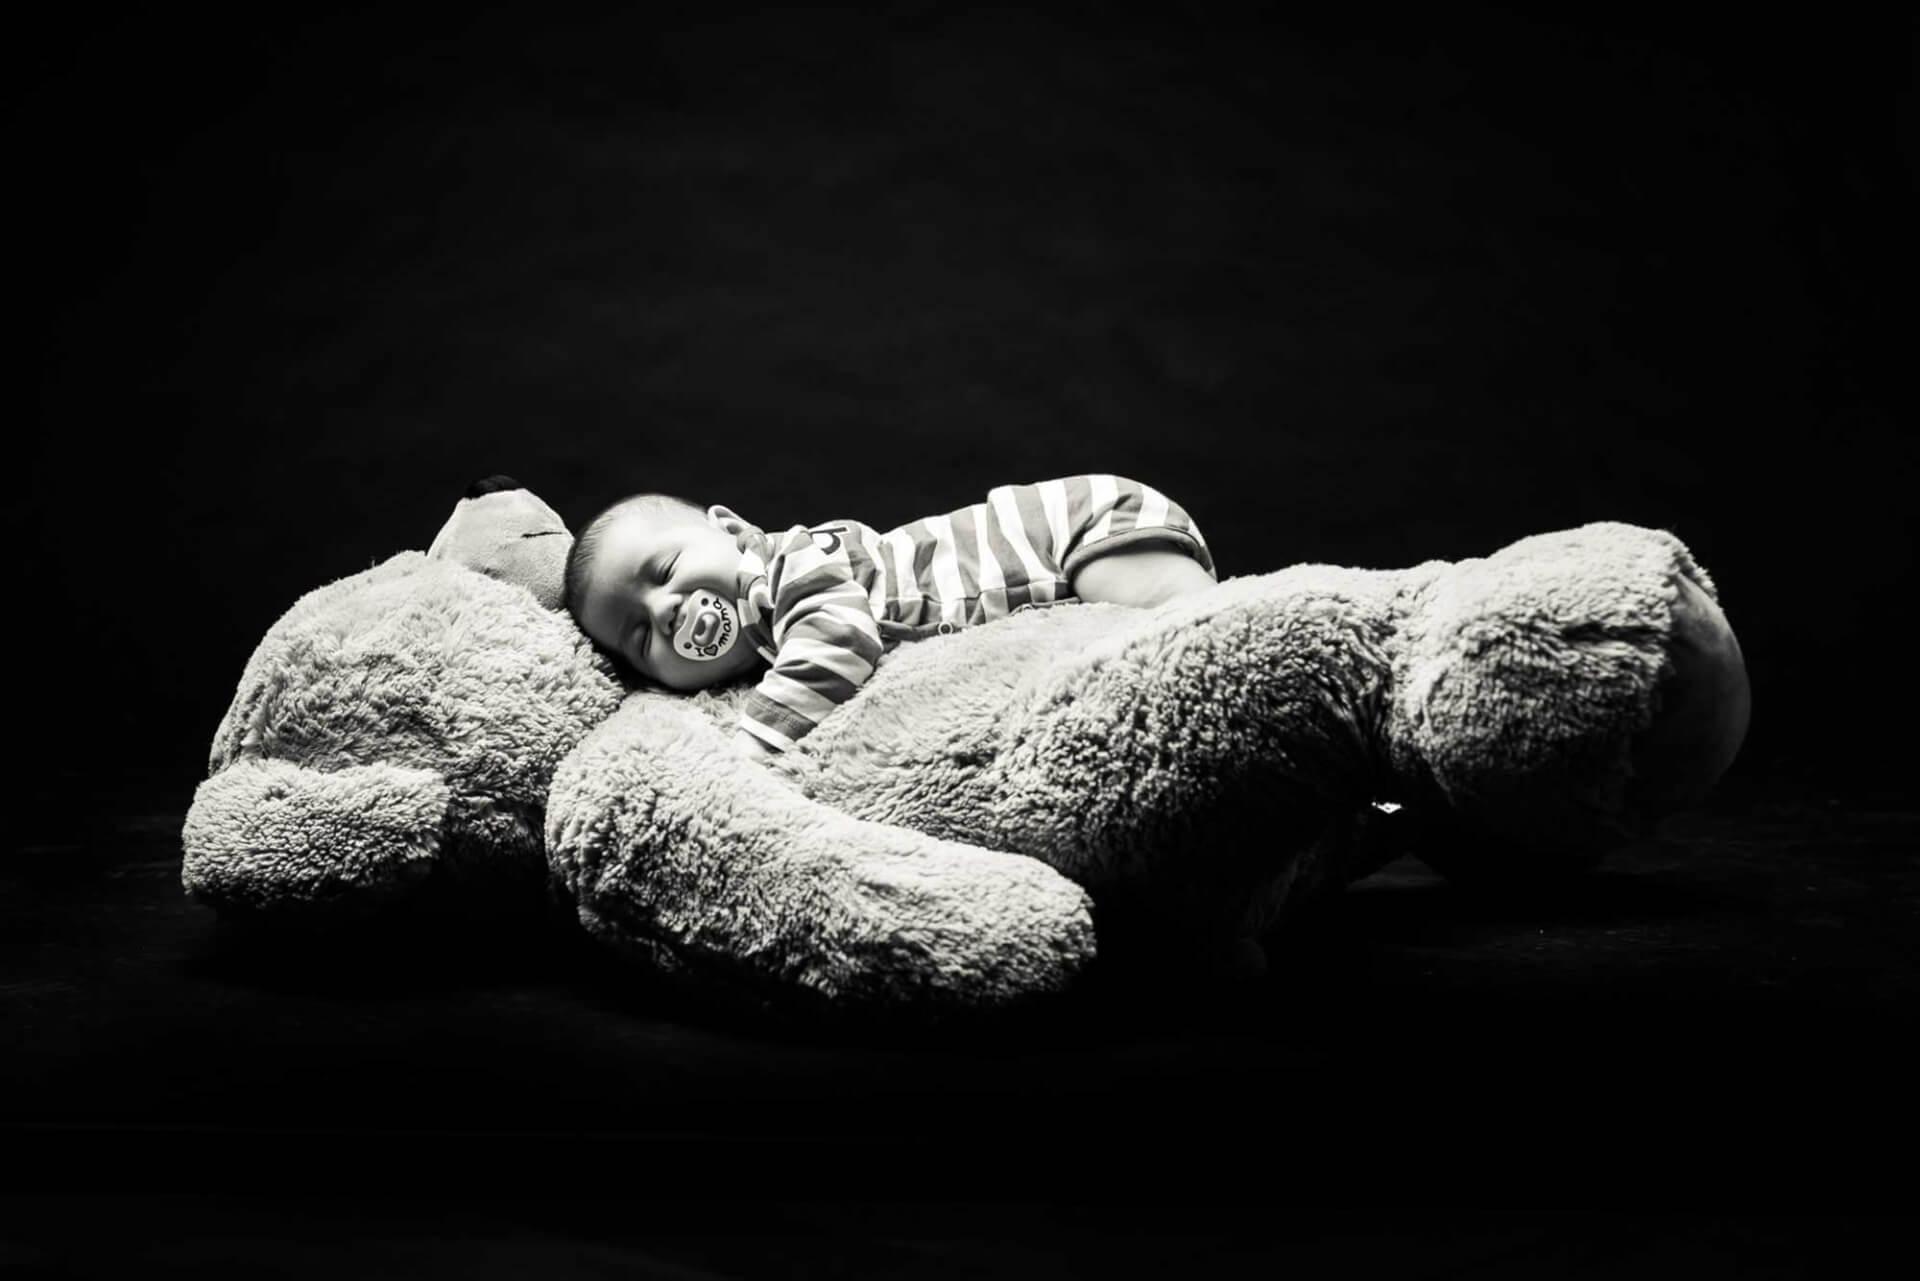 X mas special shooting für verliebte, familien, schwangere & babys ...